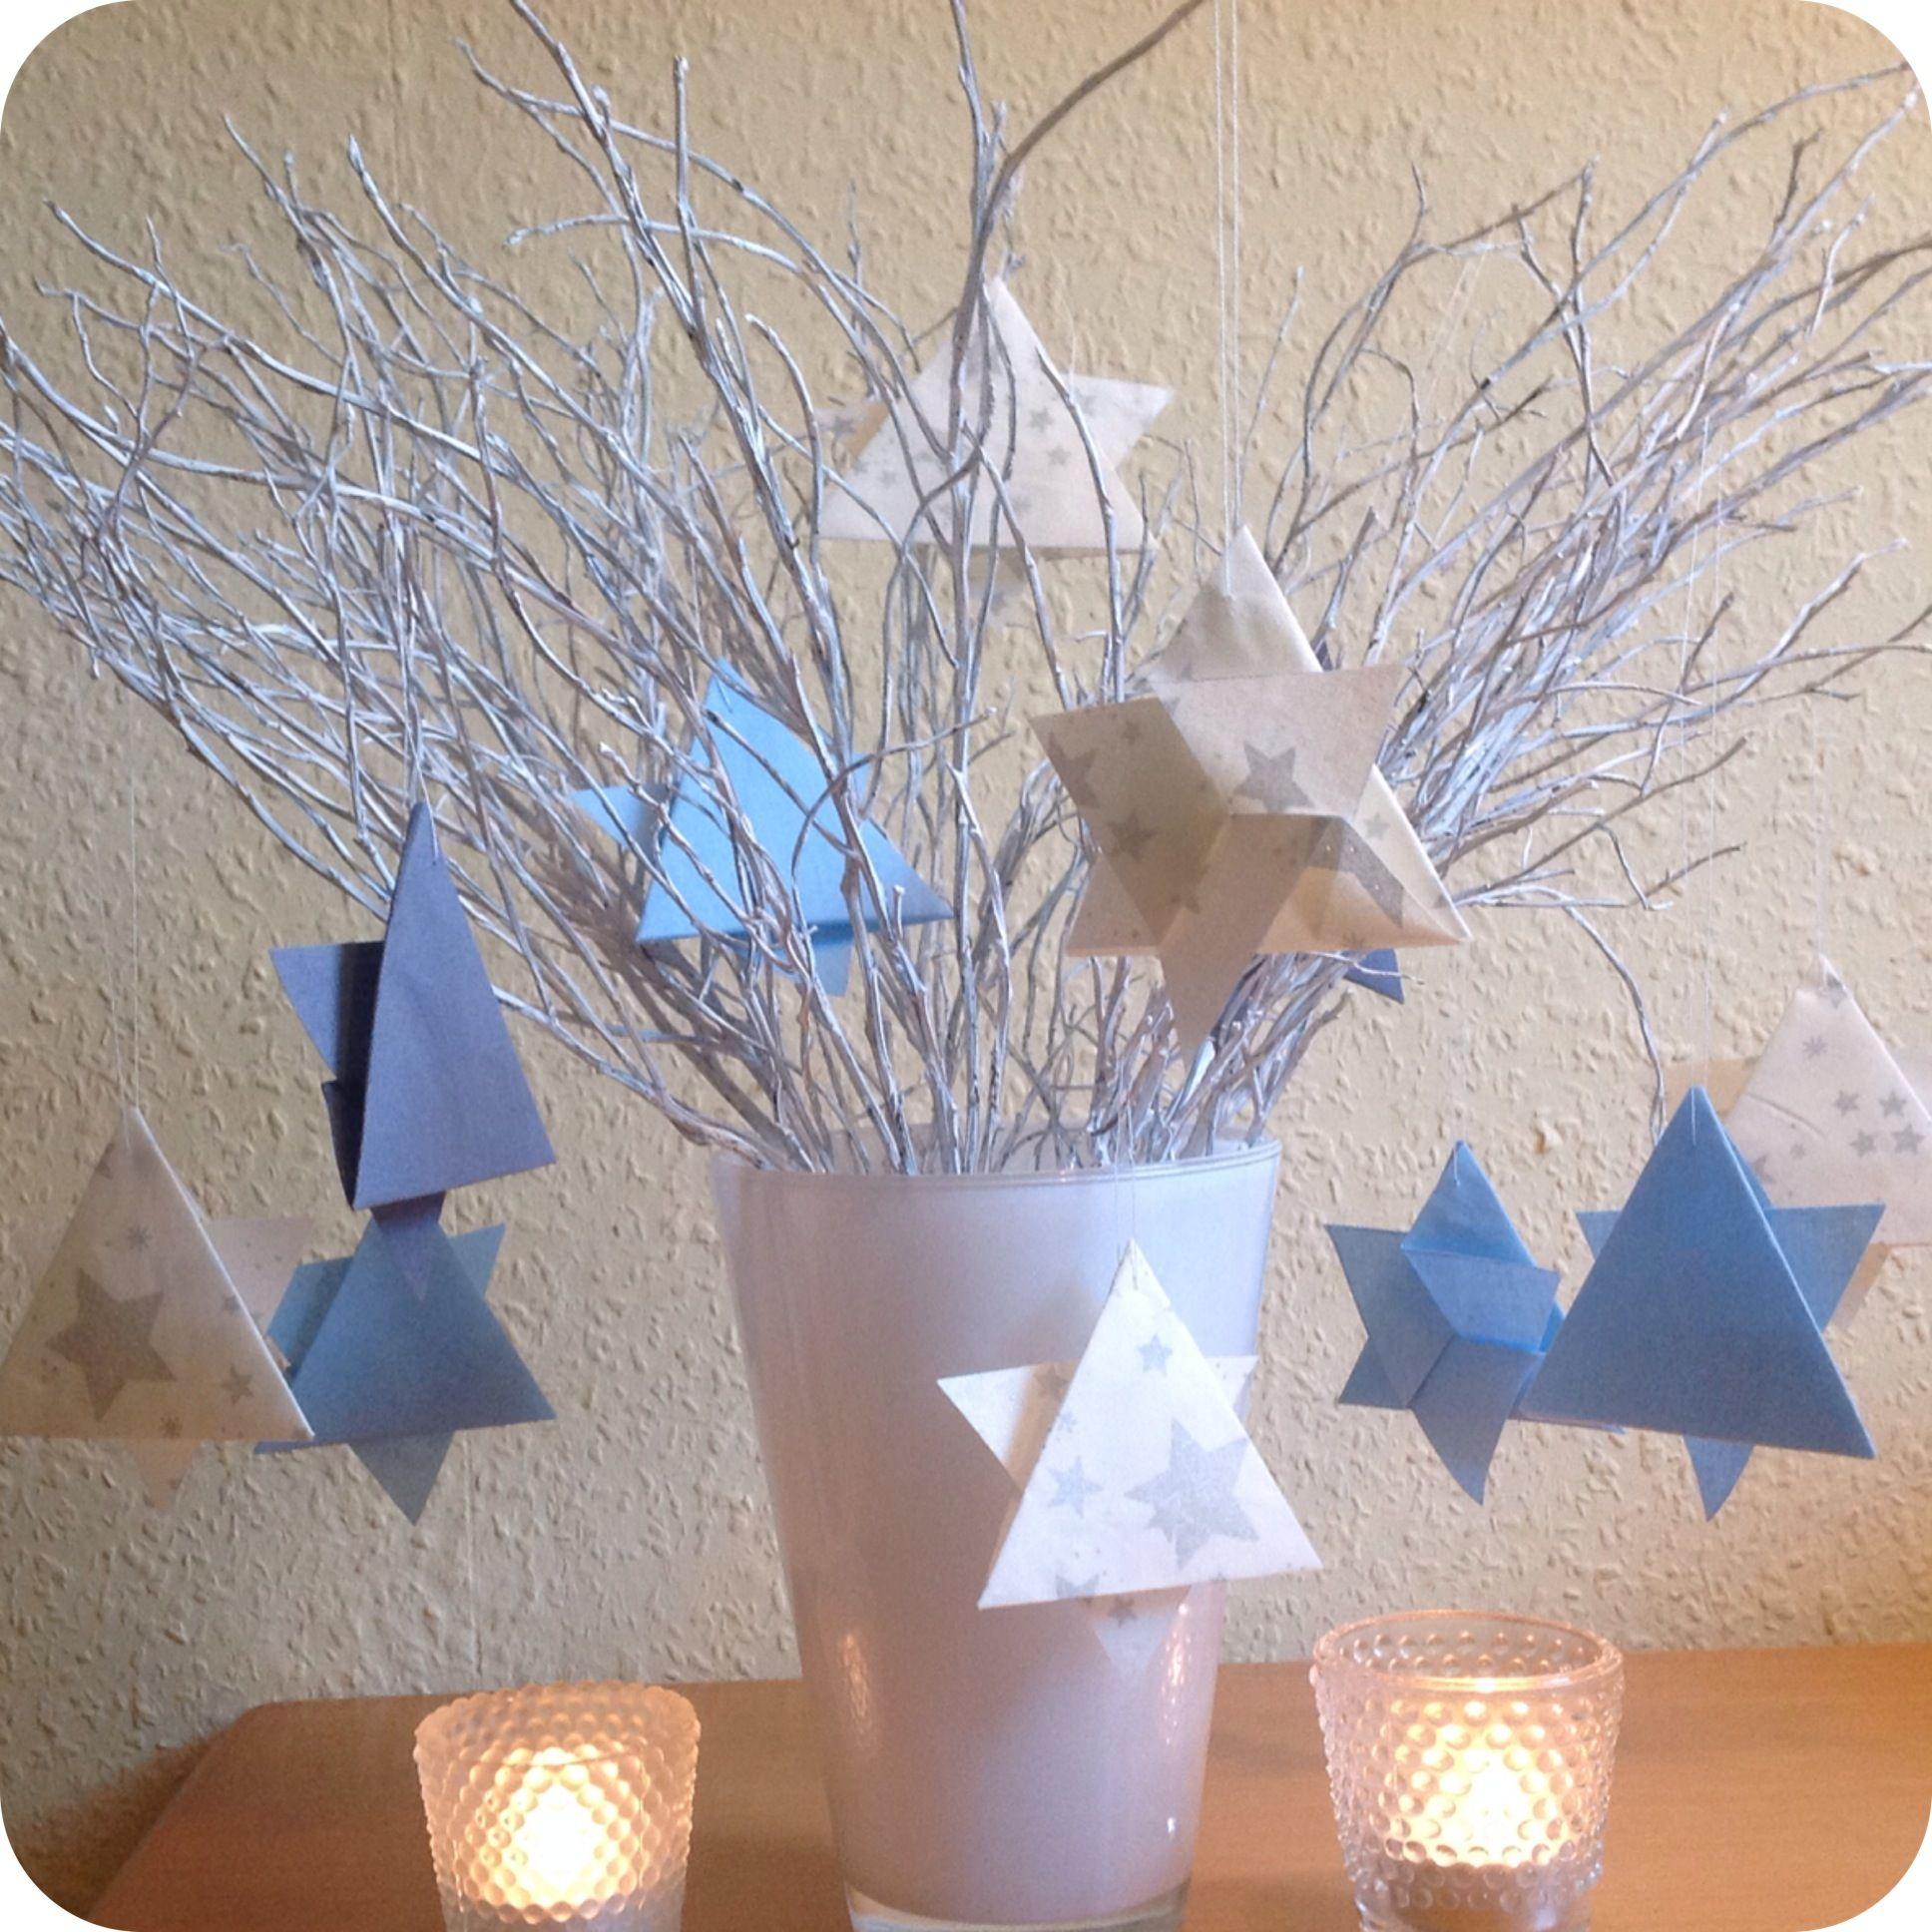 Mein Stern, der hat drei Ecken - oder - Welcome to Christmas-Time